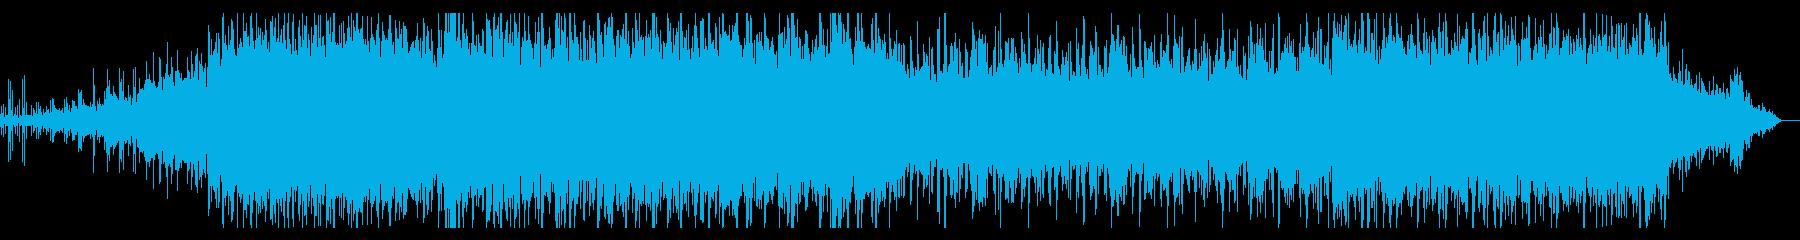 グリッジでサイバーなシネマアンビエントの再生済みの波形